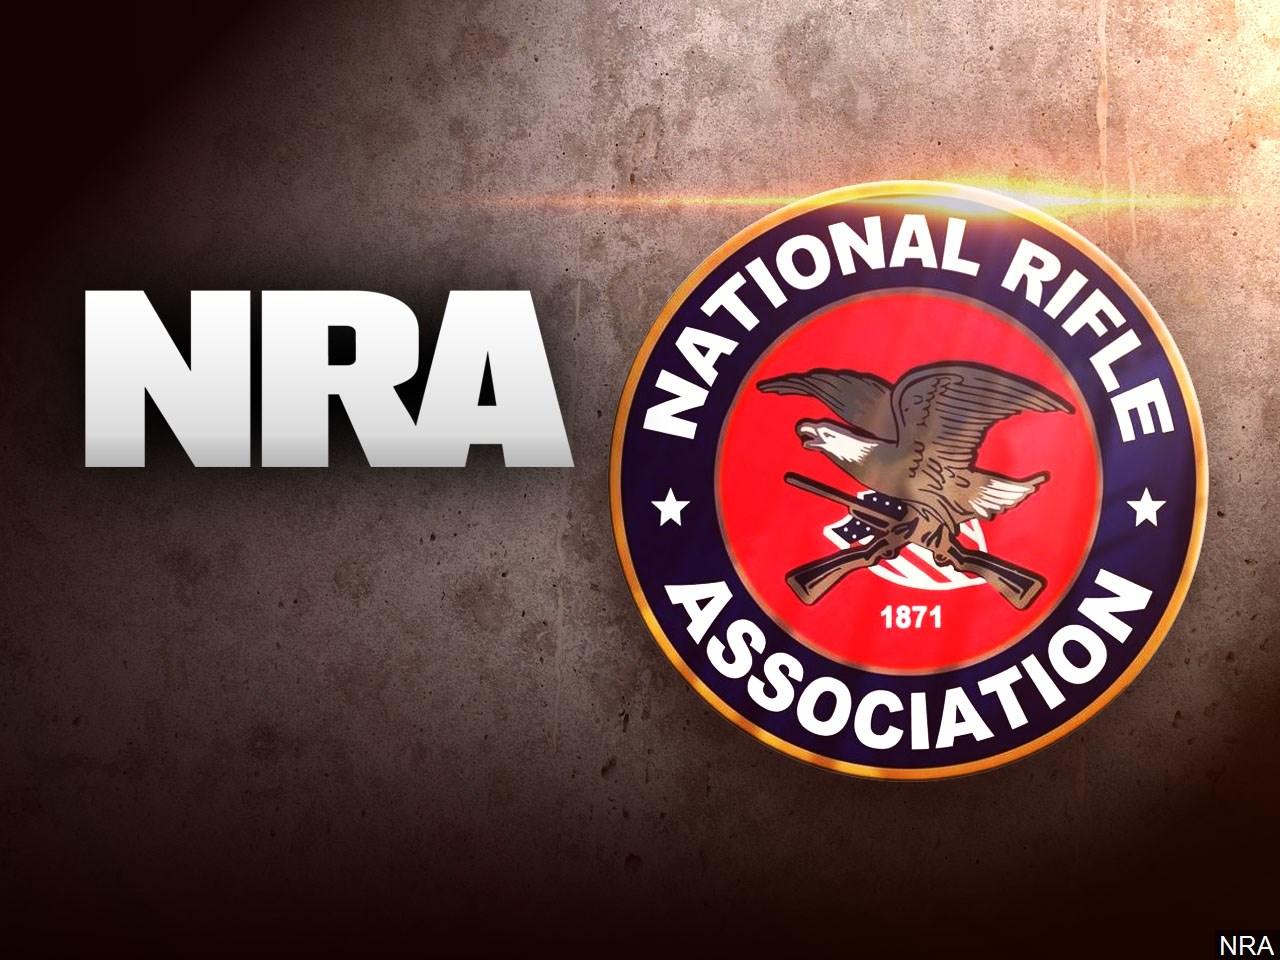 美國全國步槍協會宣布,已入稟法院申請破產保護,以及由紐約州遷往德州重新組建。    資料圖片